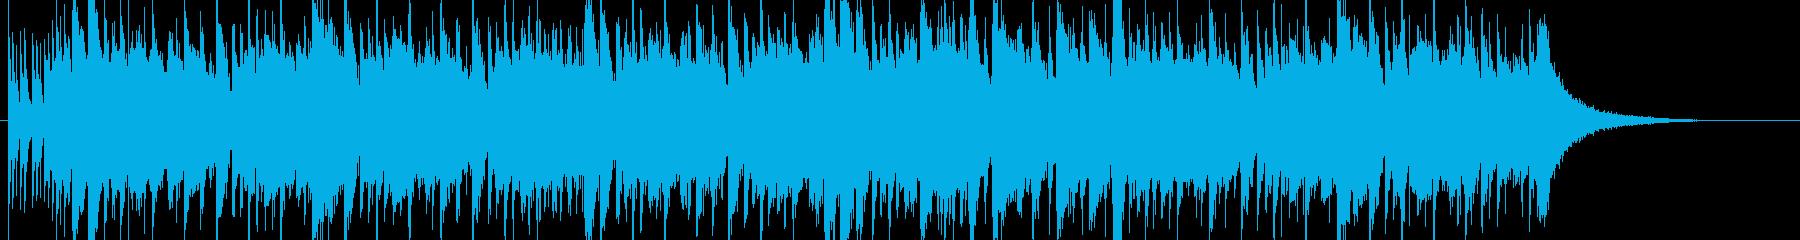 選手のファインプレーをハイライトで紹介!の再生済みの波形